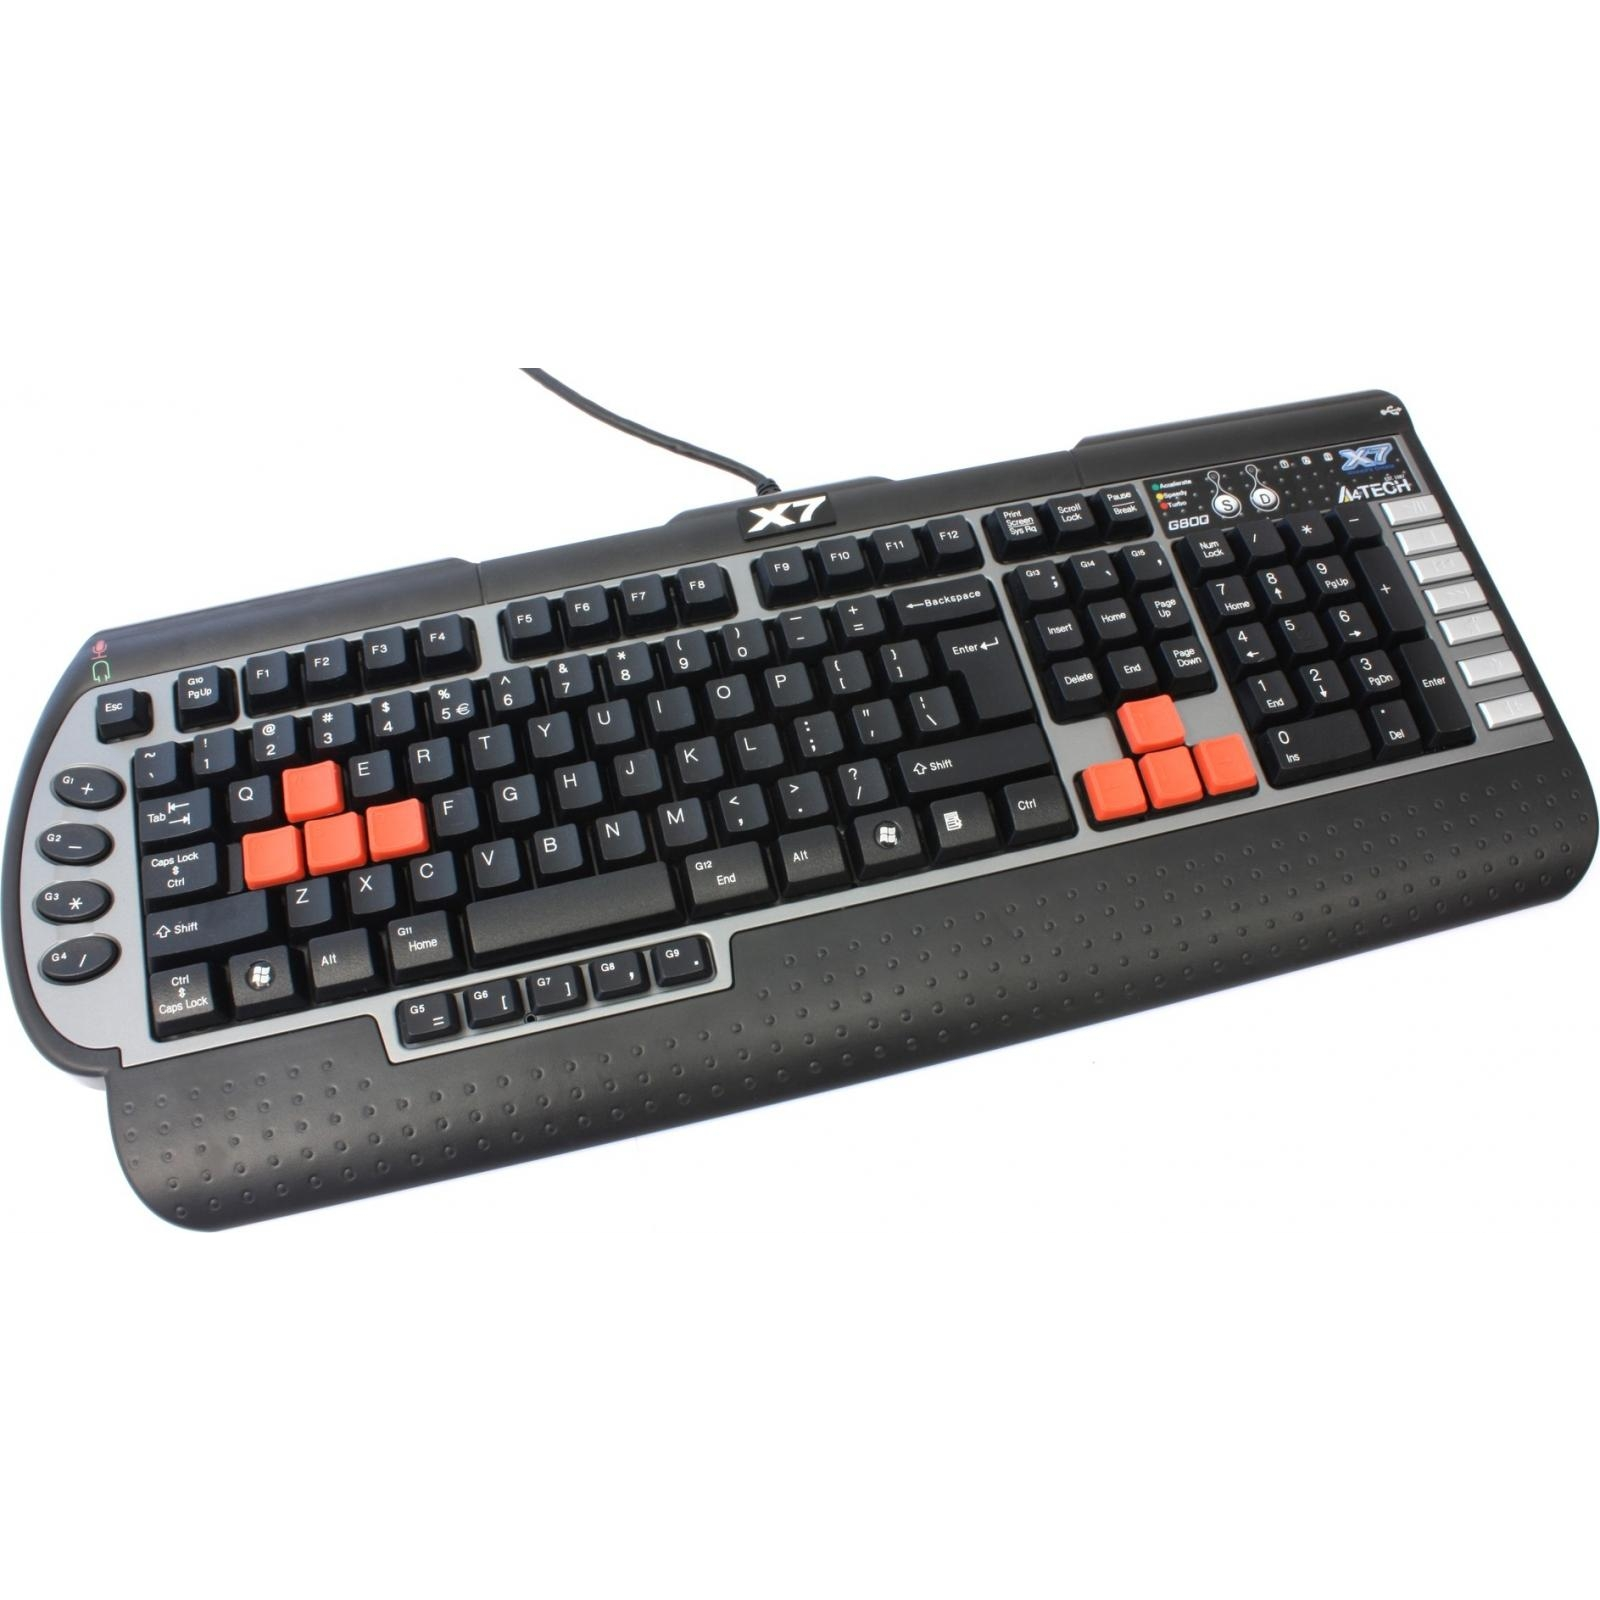 X7 G800 TREIBER HERUNTERLADEN